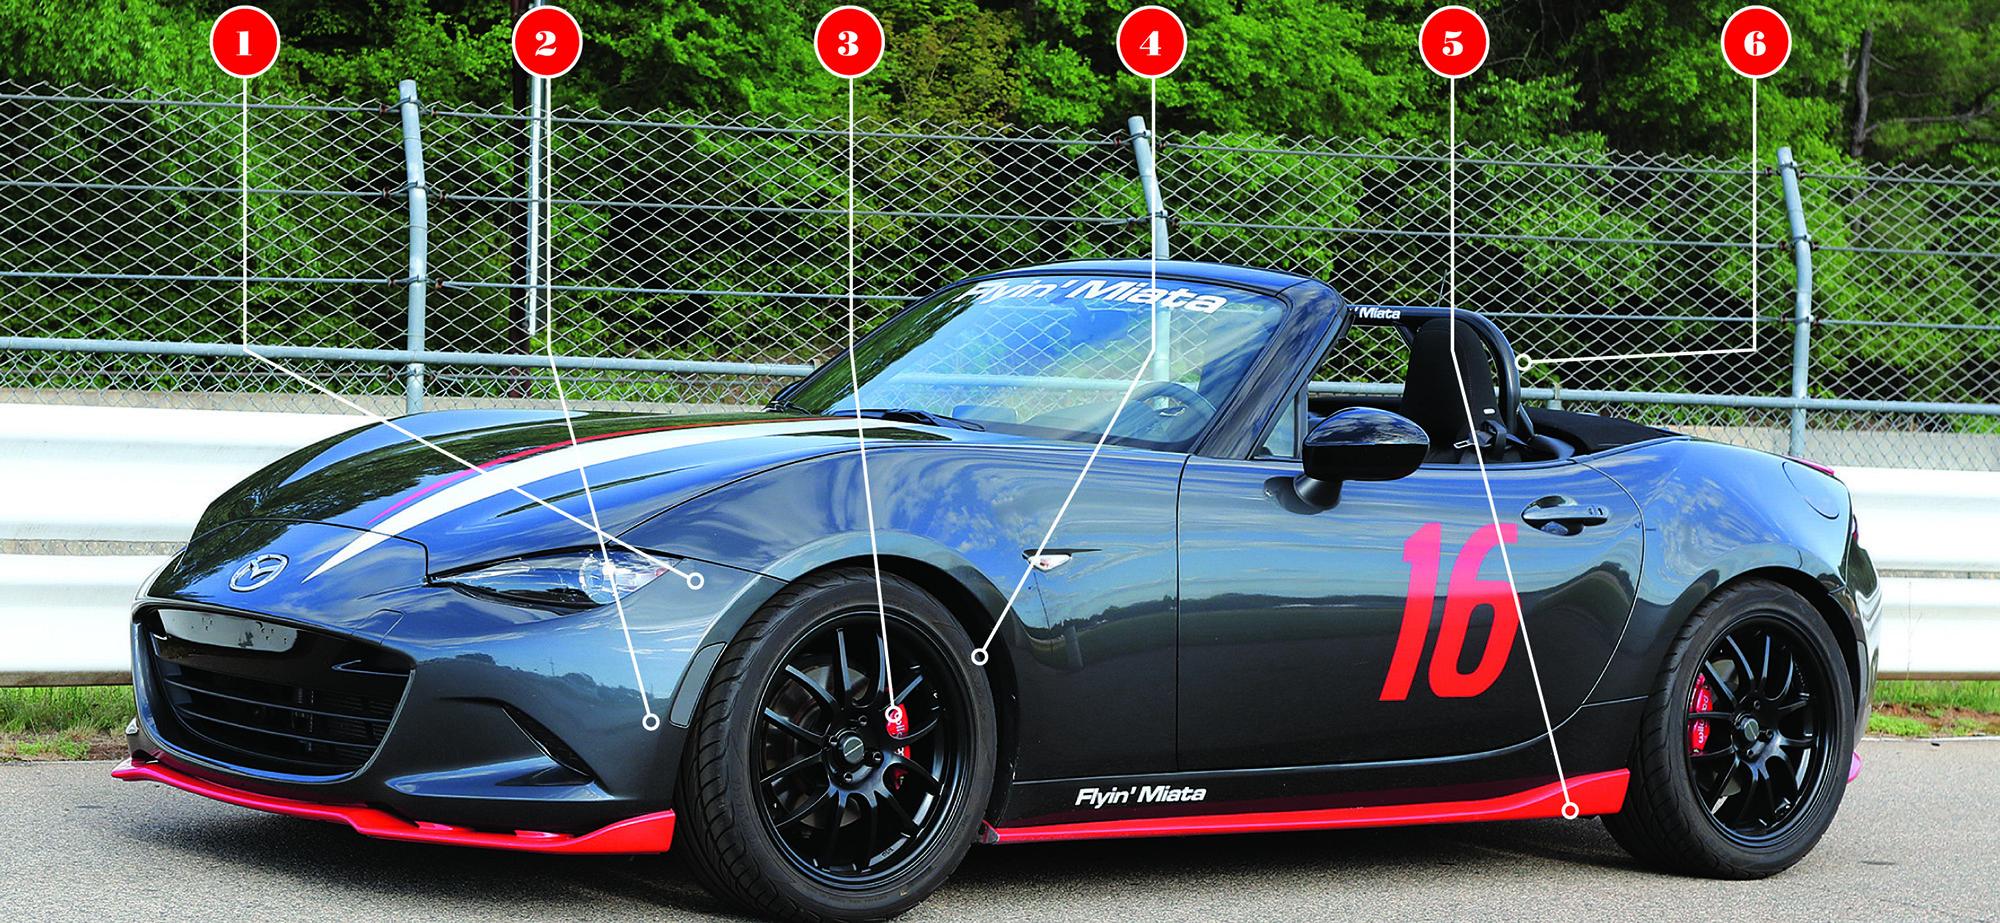 Test Drive: Flyin' Miata's Latest MX-5 | Articles | Grassroots ...